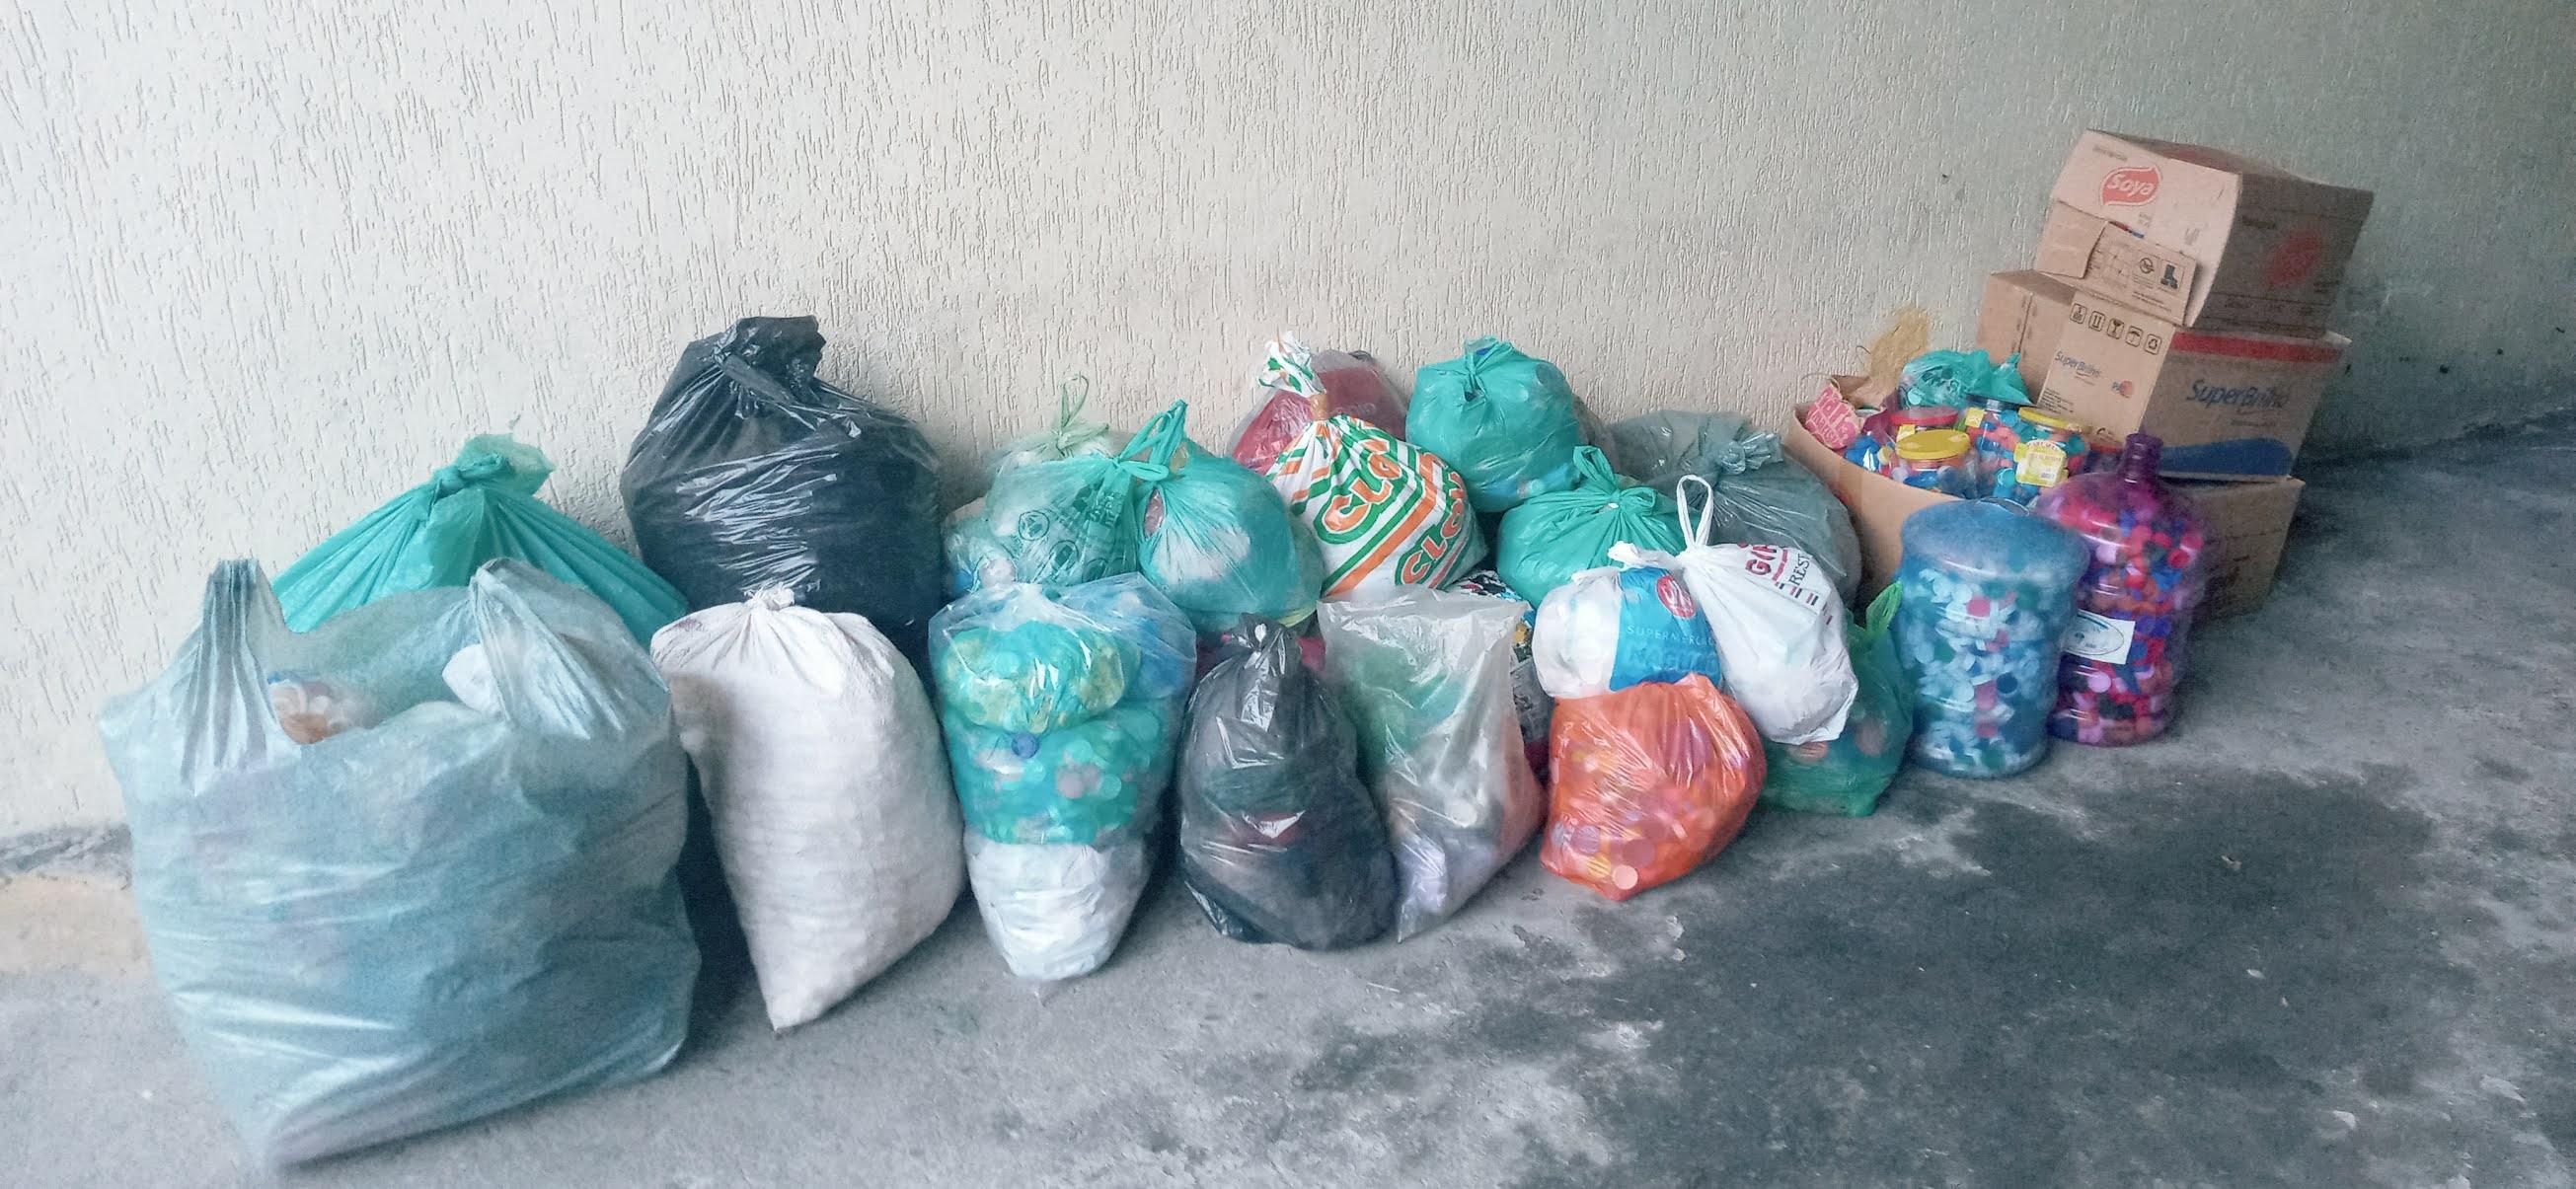 Retirada de tampinhas plásticas na sede do Seja Hoje Diferente pelo GUAPA